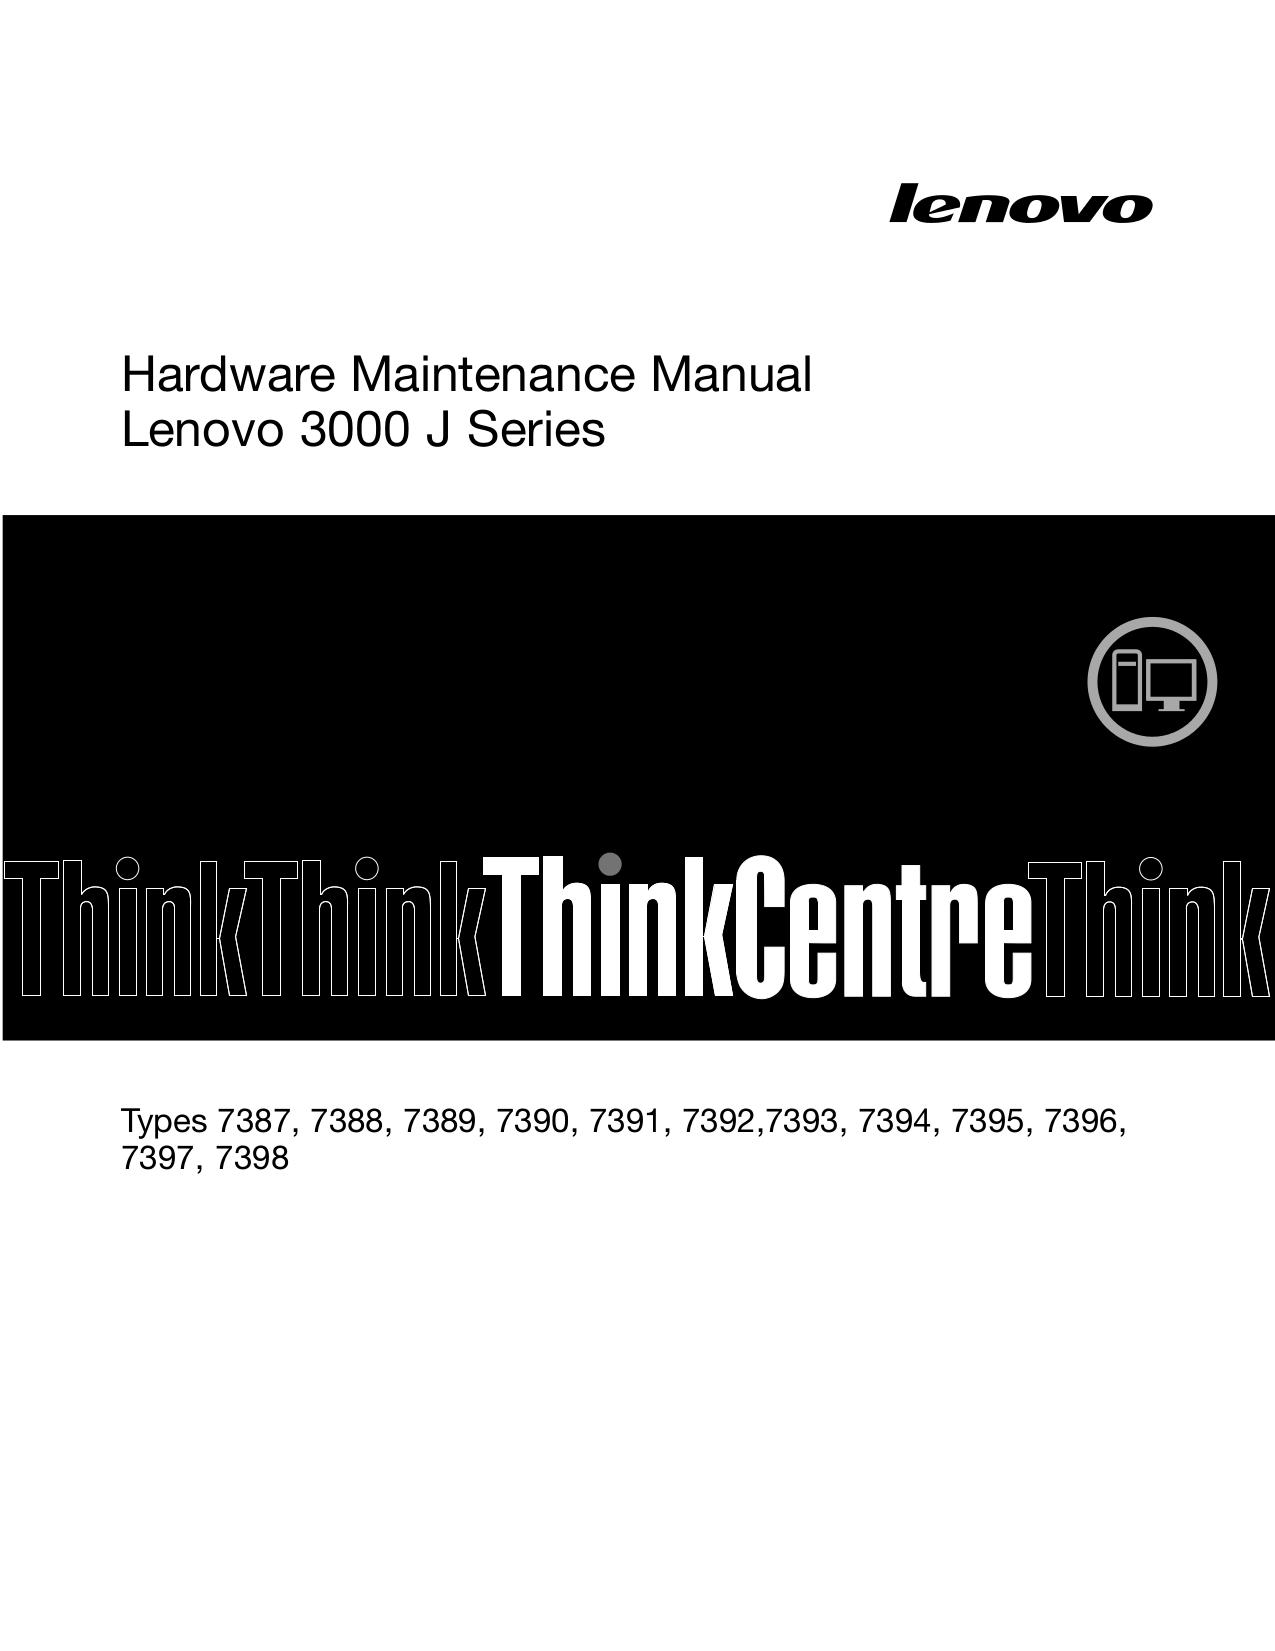 pdf for Lenovo Desktop 3000 J115 7387 manual